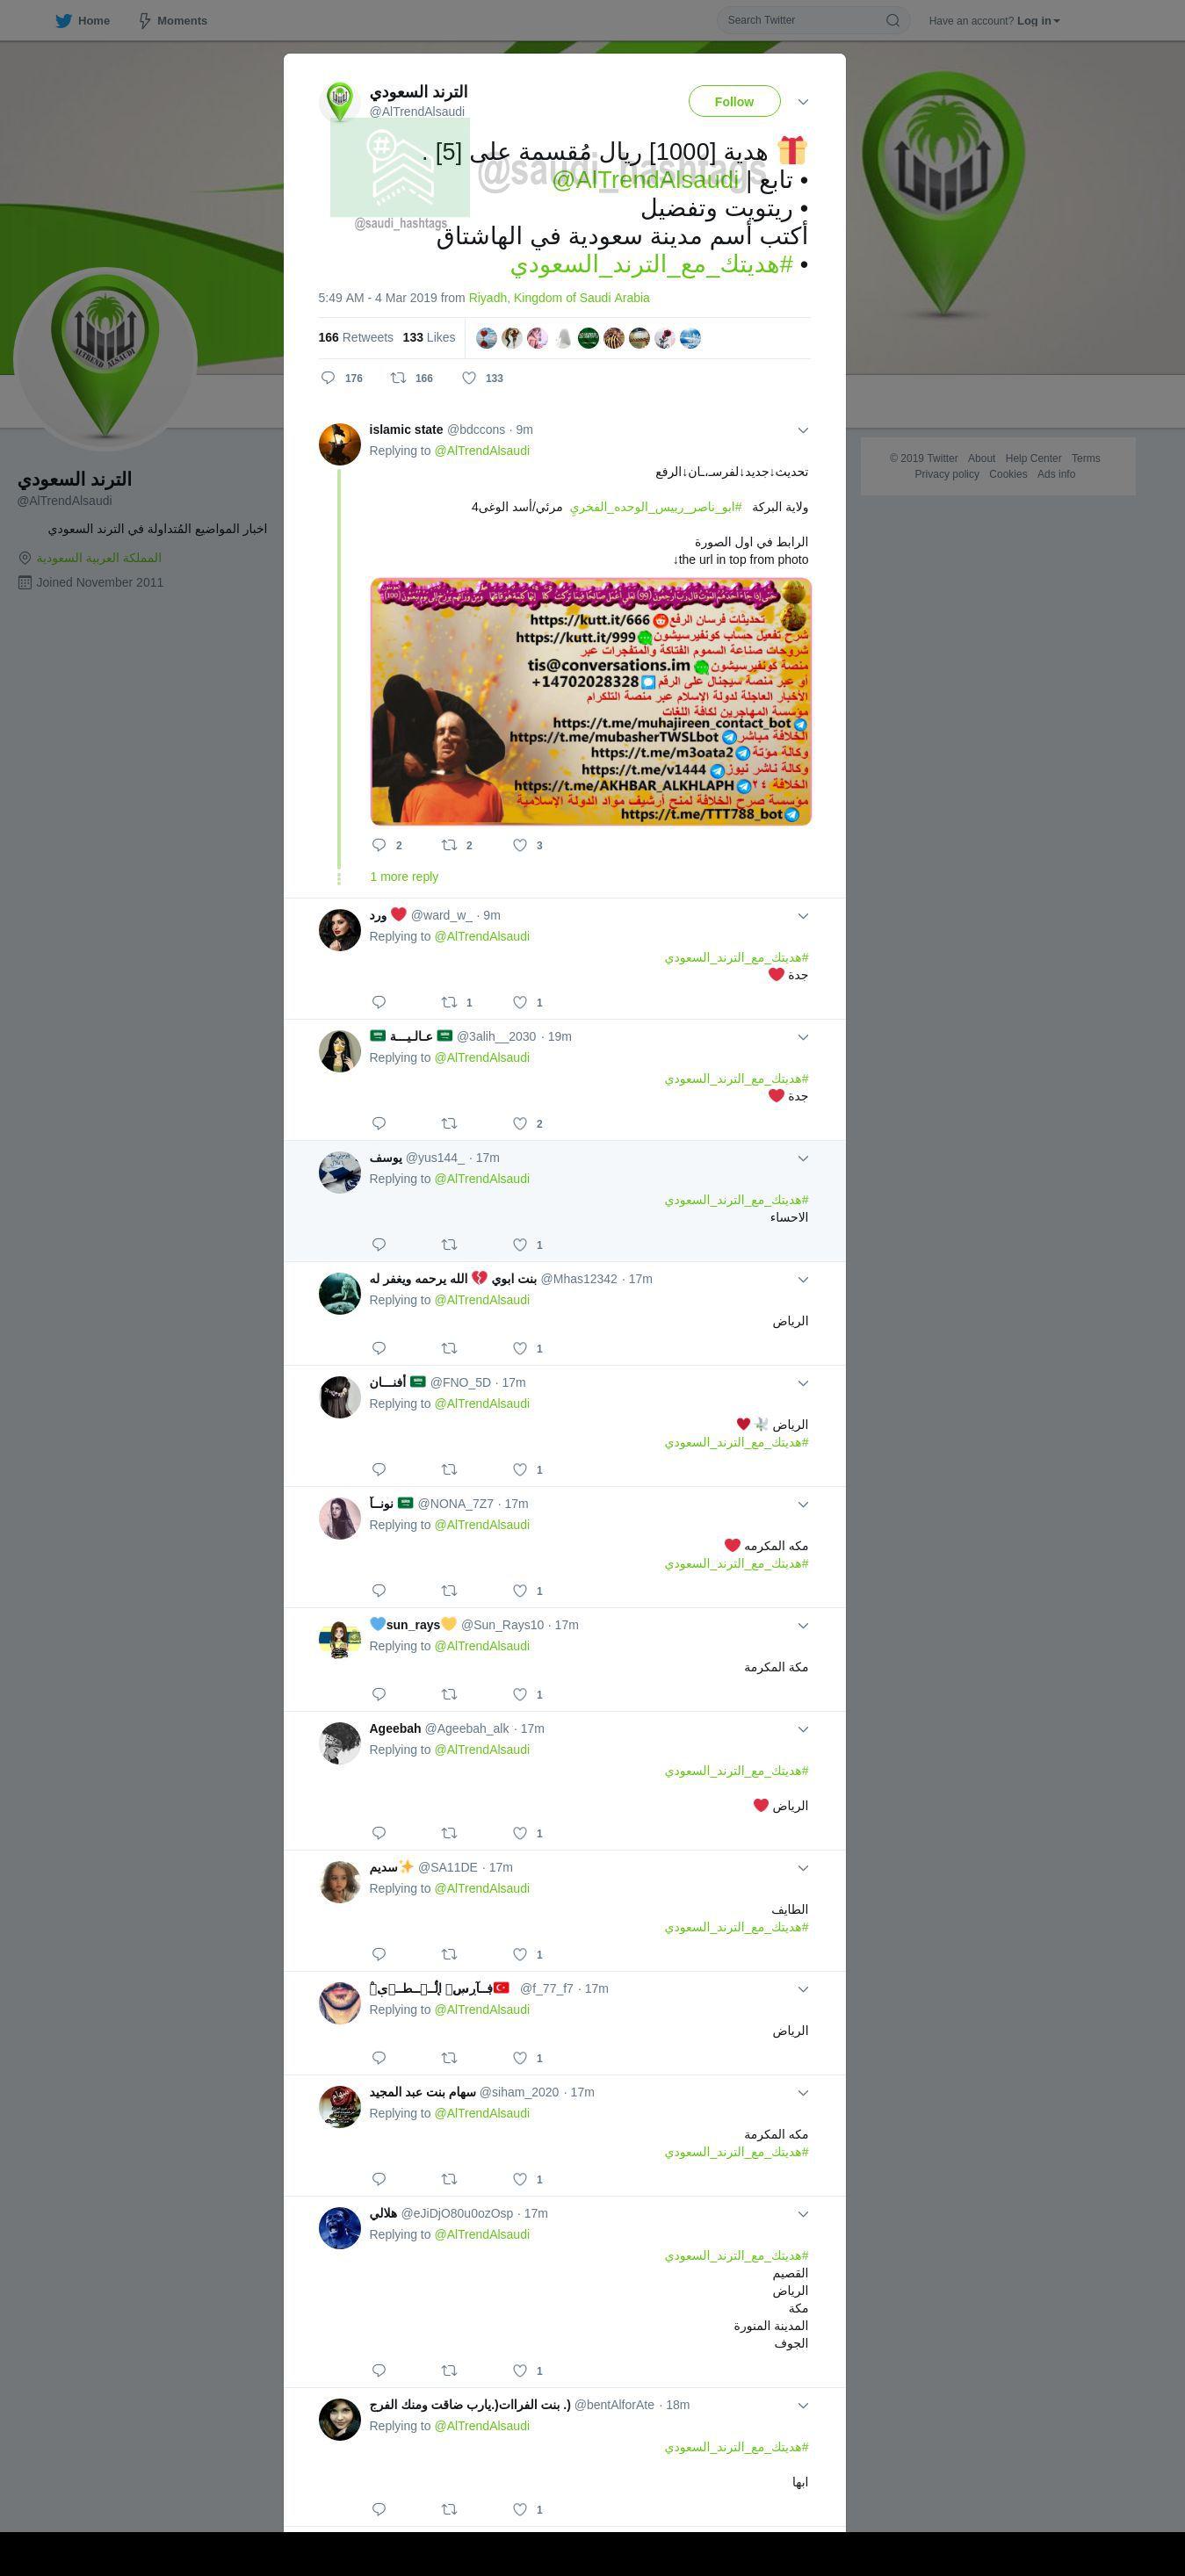 لقطة لاول تغريدة في هاشتاق #هديتك_مع_الترند_السعودي